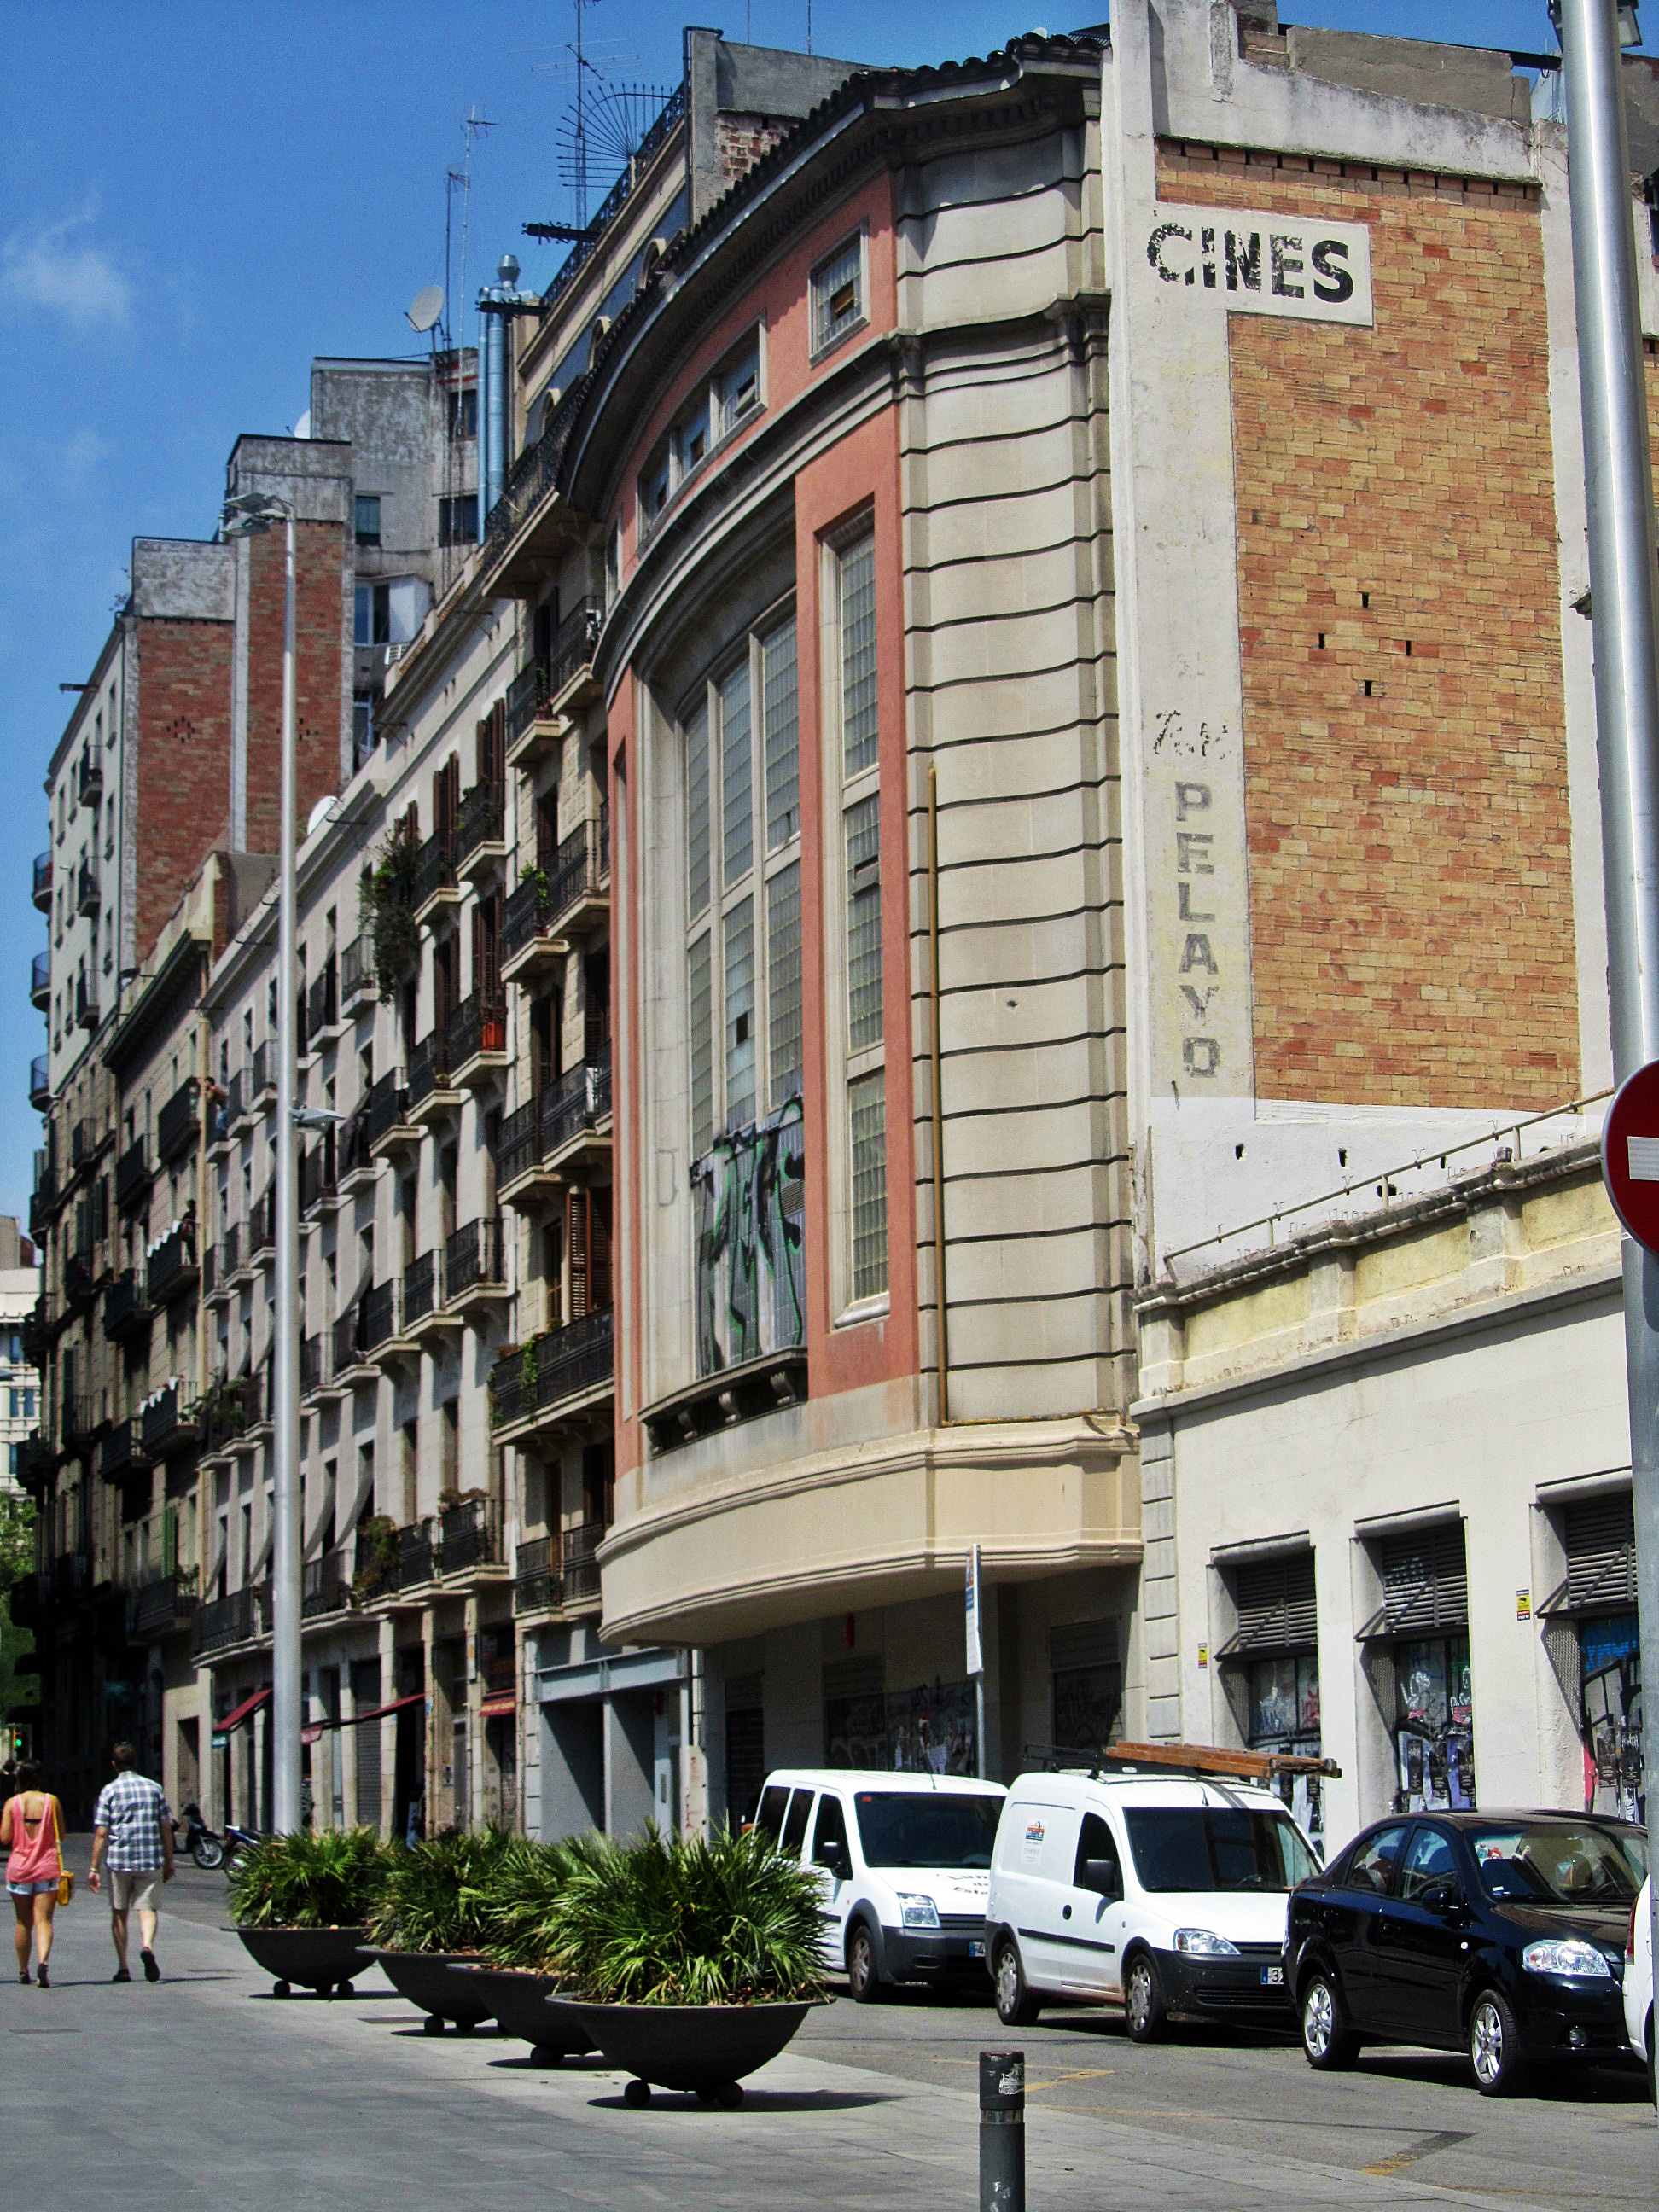 La fachada del antiguo cine petit pelayo de la calle for Oficinas de pelayo en barcelona